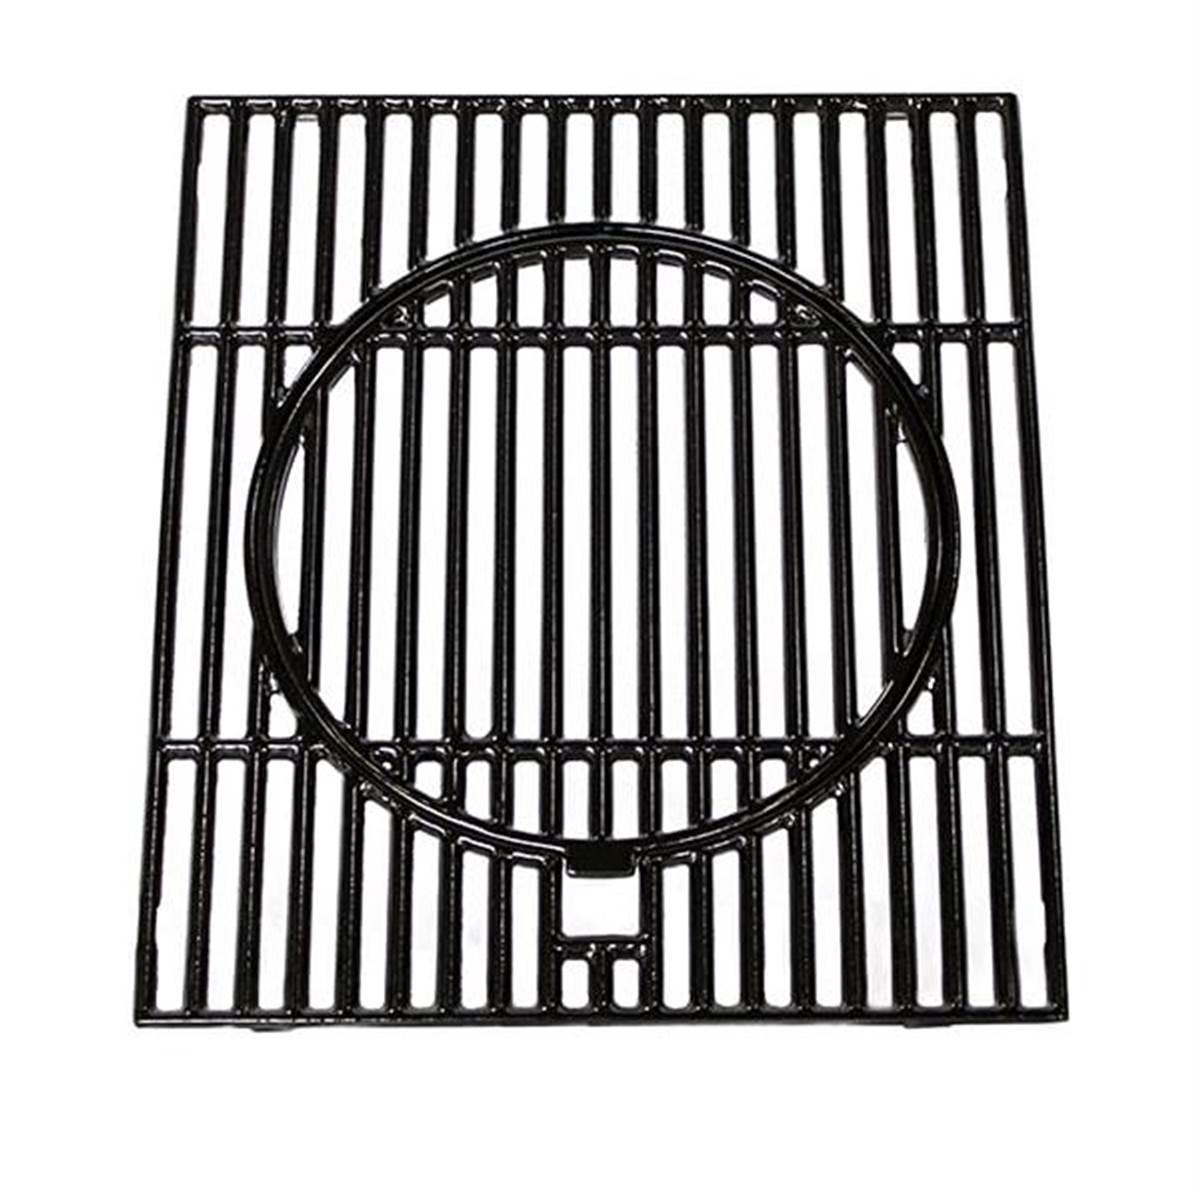 Culinary Modular : grille adaptateur culinary modular